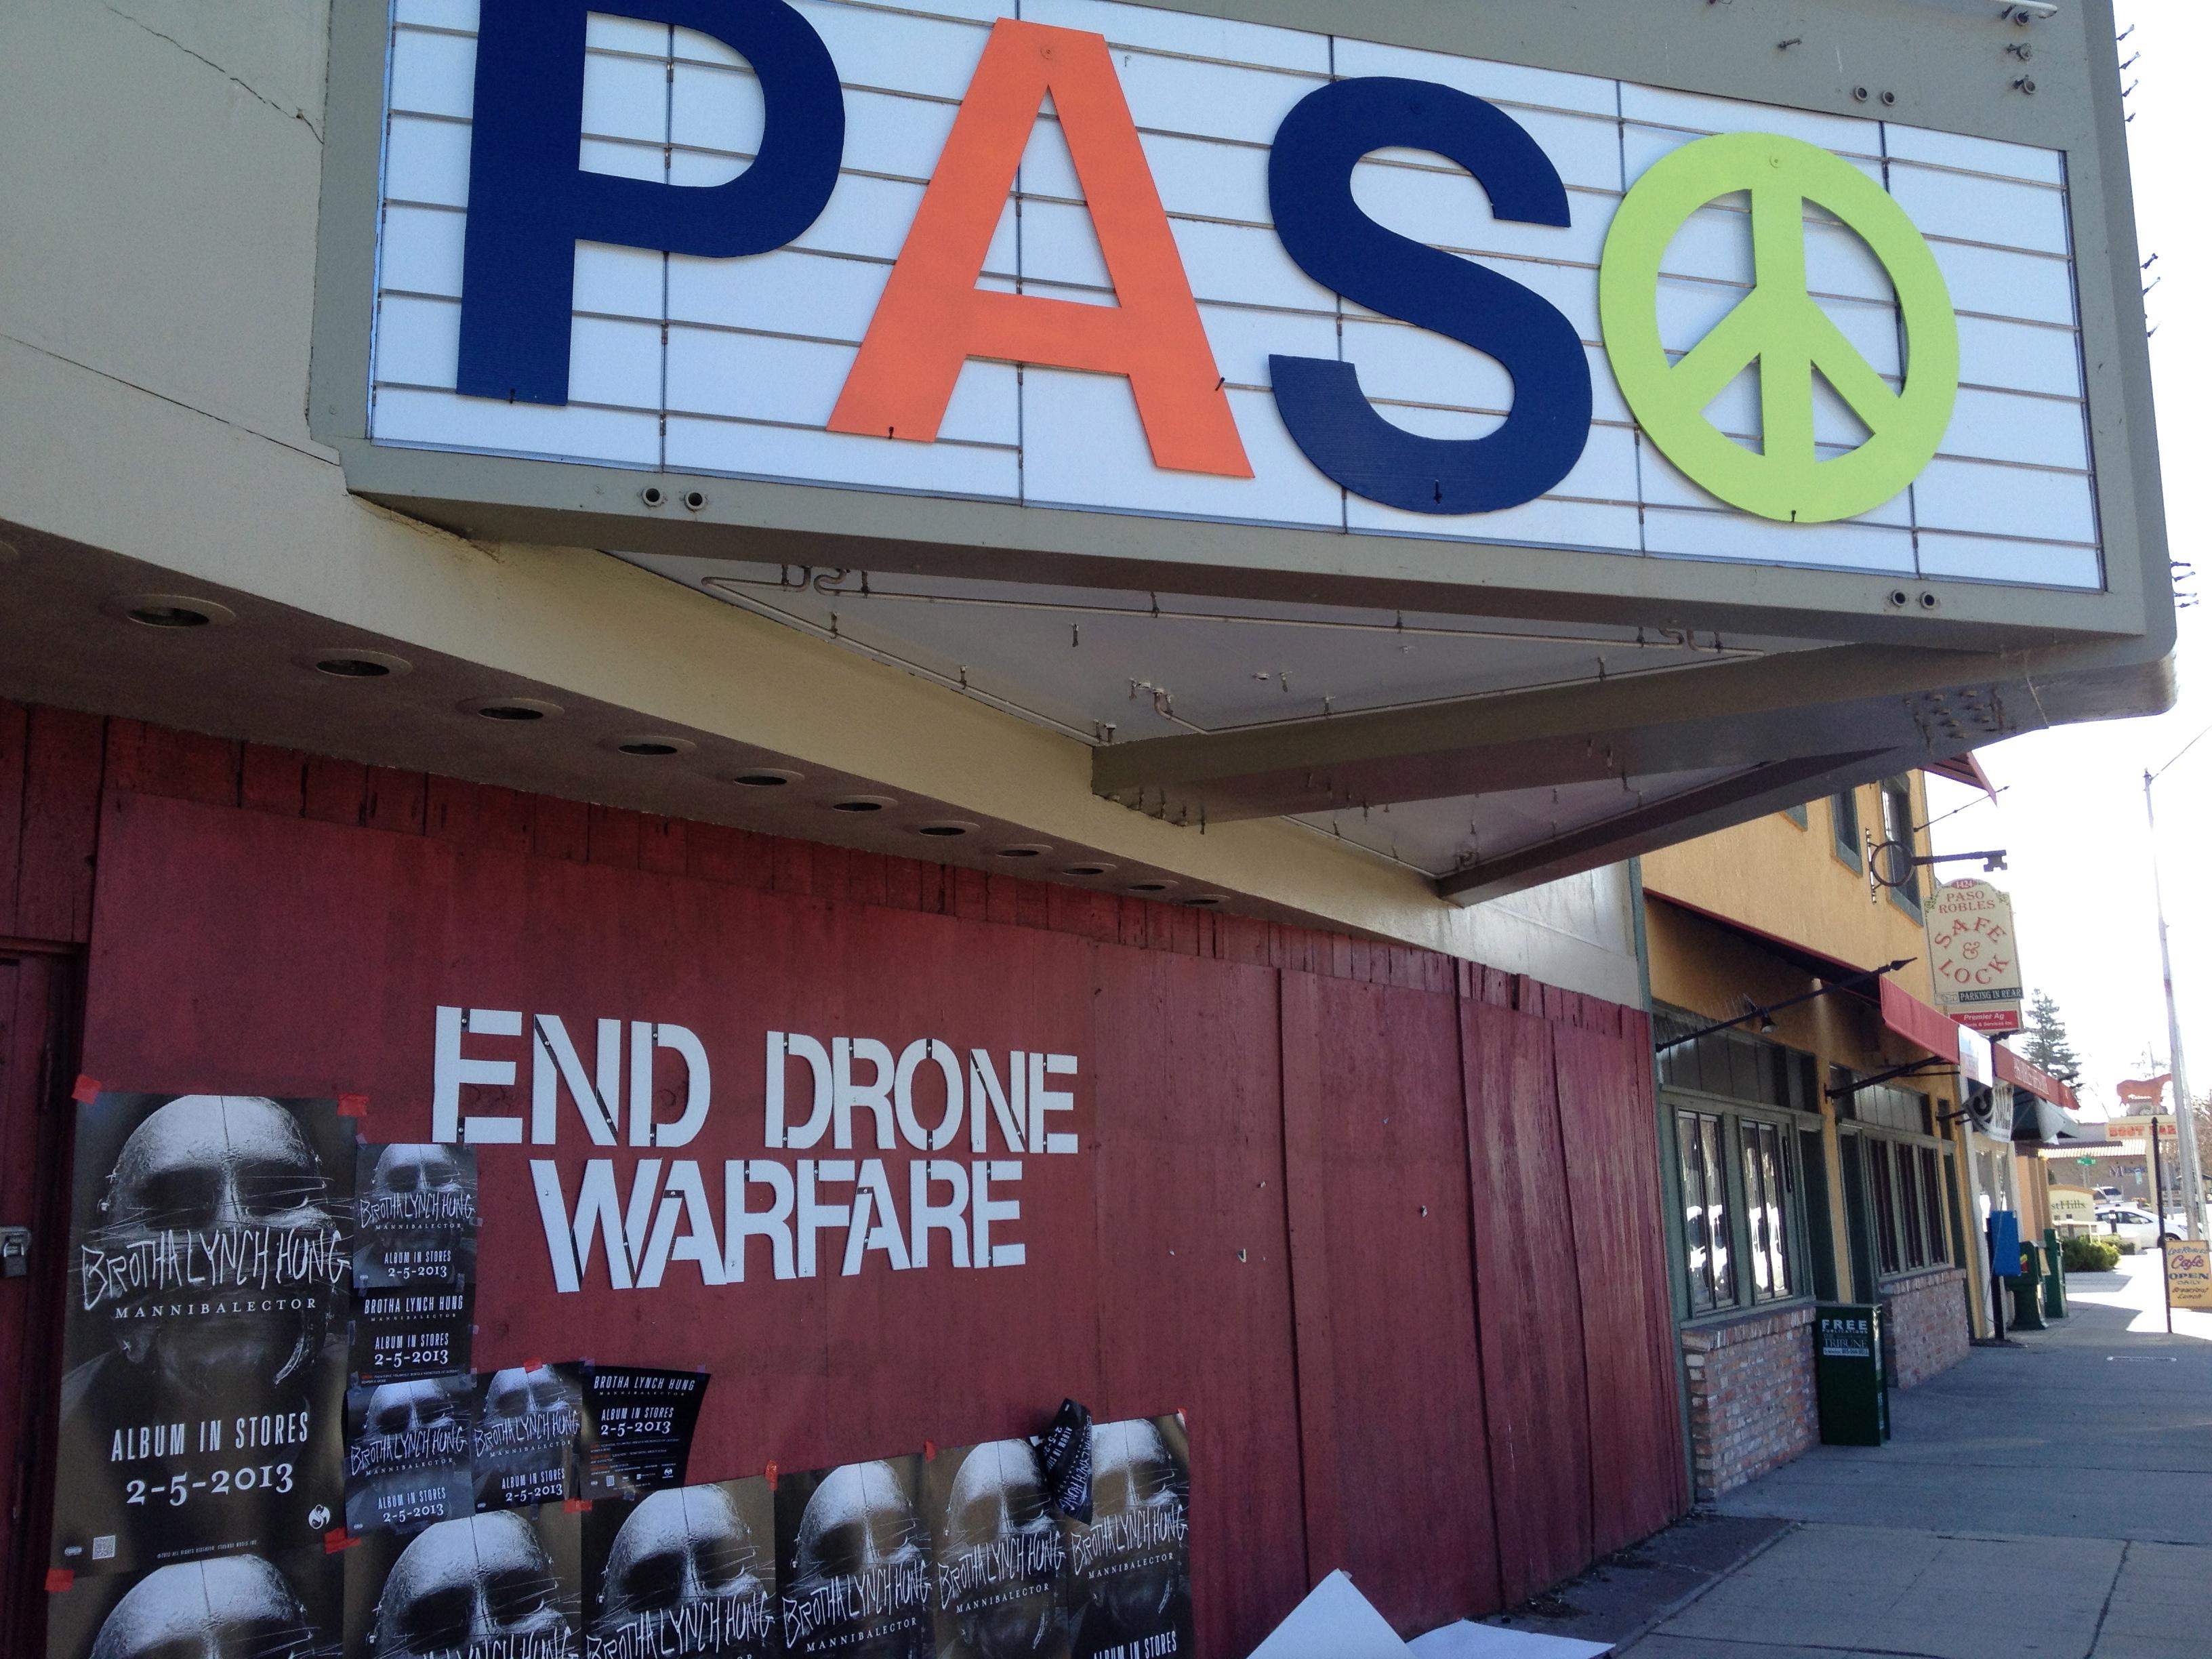 Paso-end-drone-warfare-fox-theater